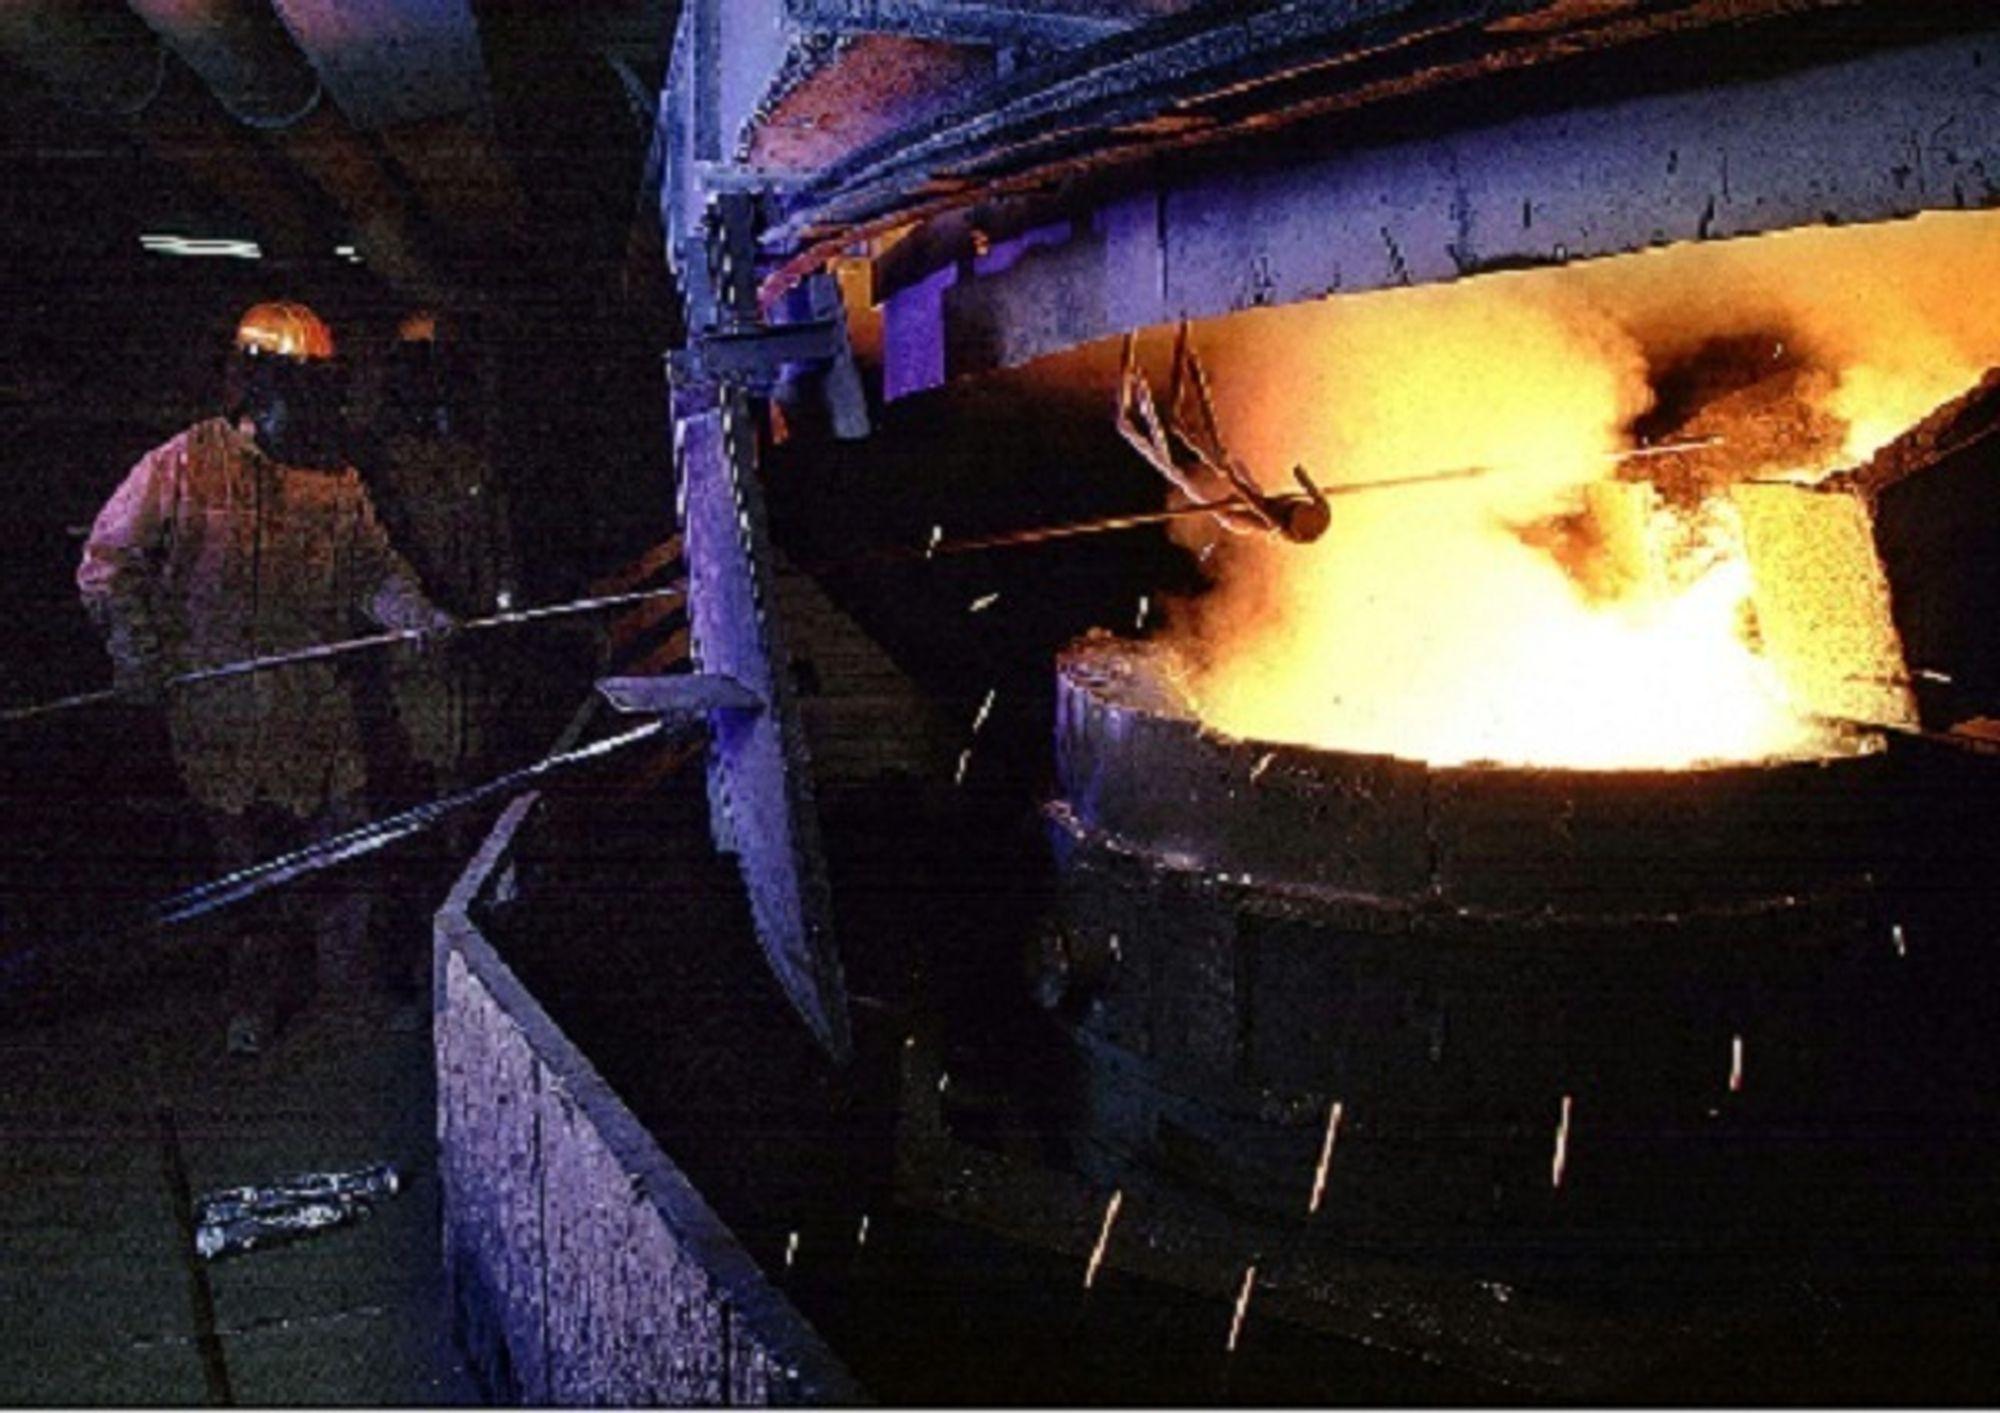 ØKTE UTSLIPP: Norge slipper ut for mye nitrogenoksider. Økt produksjon av jern, stål og ferrolegeringer får skylda. Illustrasjonsfoto fra produksjon av ferrosilisium ved Finnfjord smelteverk.